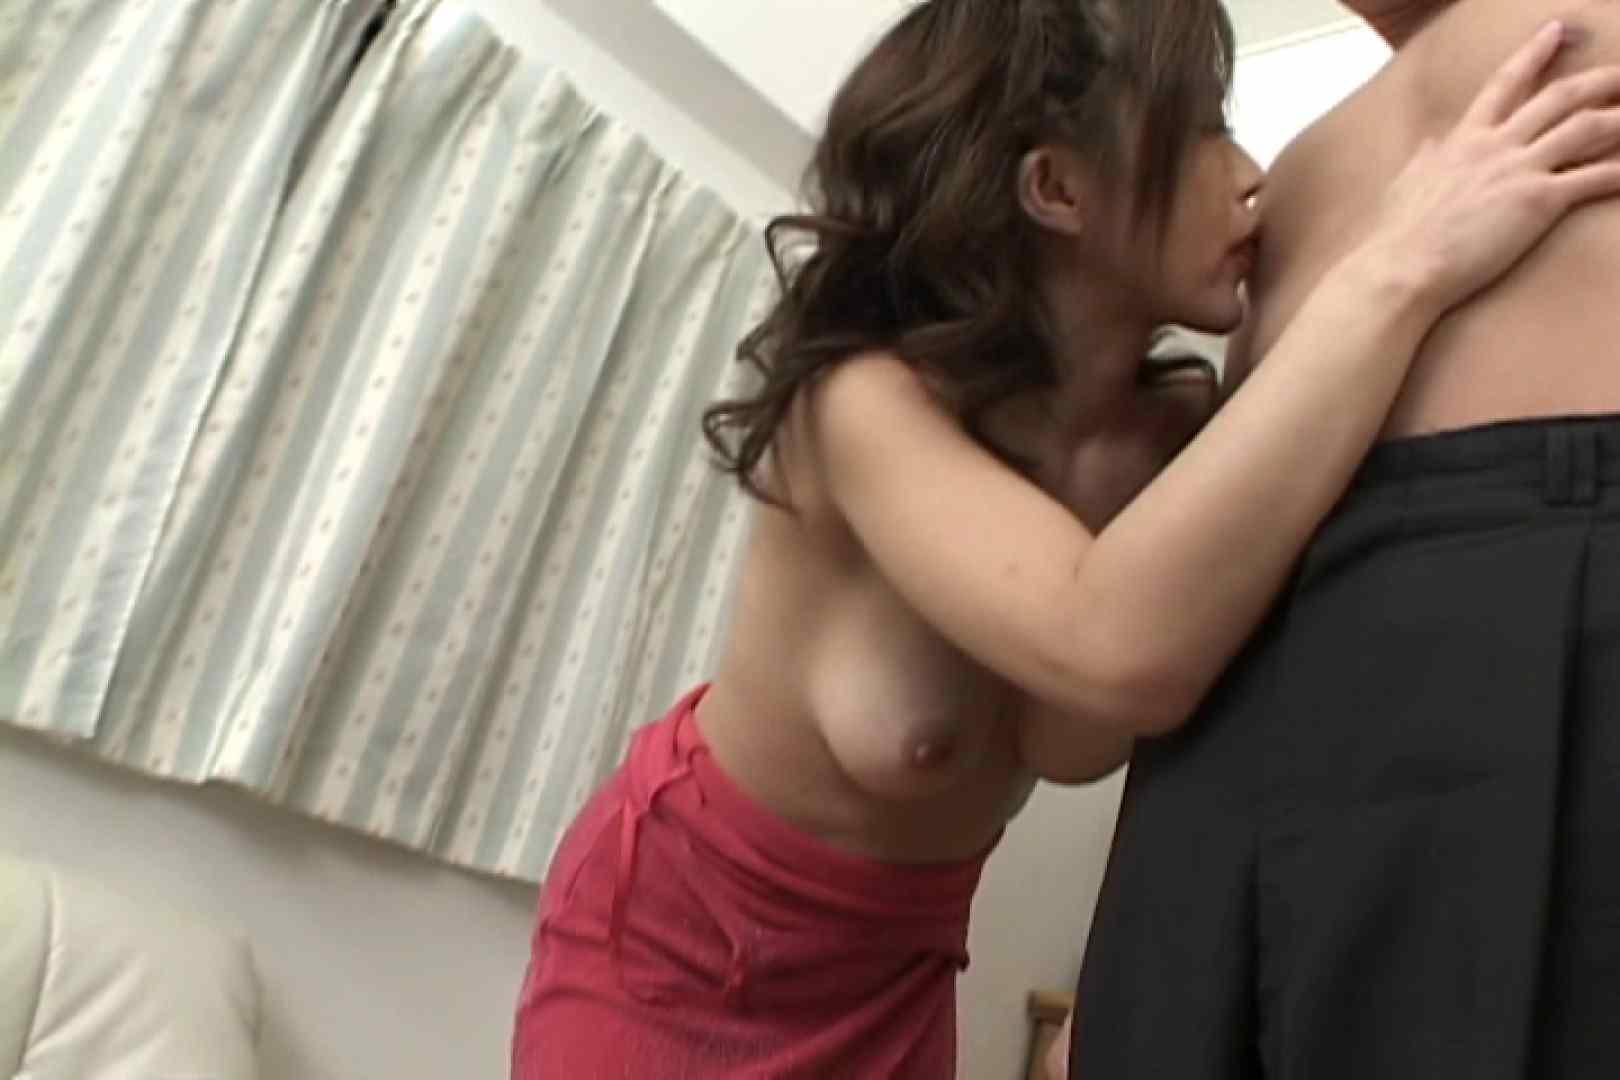 昼間の奥様は欲求不満 ~桜田ゆかり~ 淫乱  108枚 68